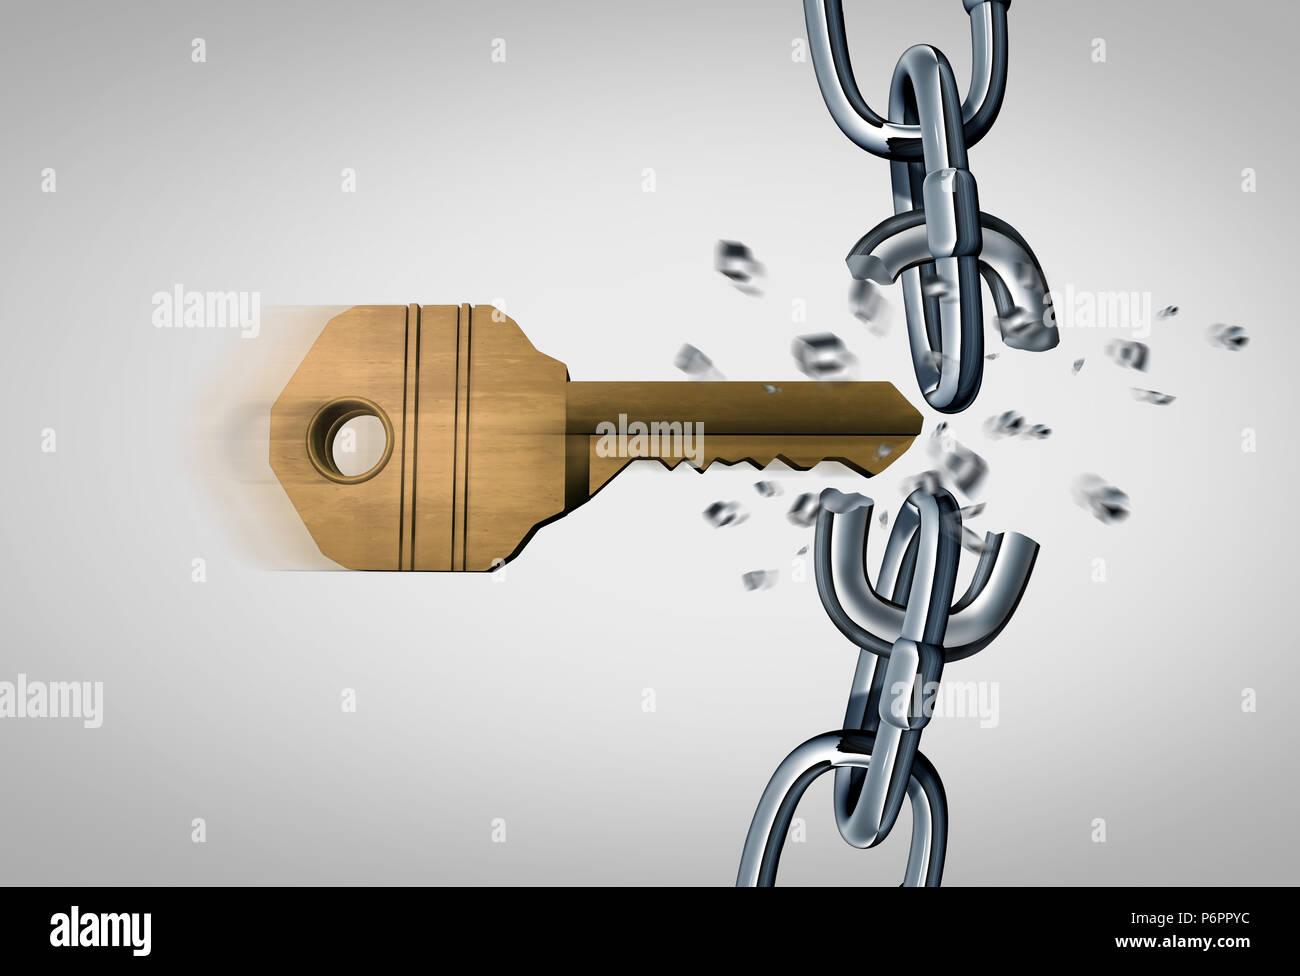 Rompiendo la cadena y un concepto de desbloqueo como clave rompiendo eslabones metálicos como la seguridad y el éxito empresarial icono como un 3D Render. Imagen De Stock